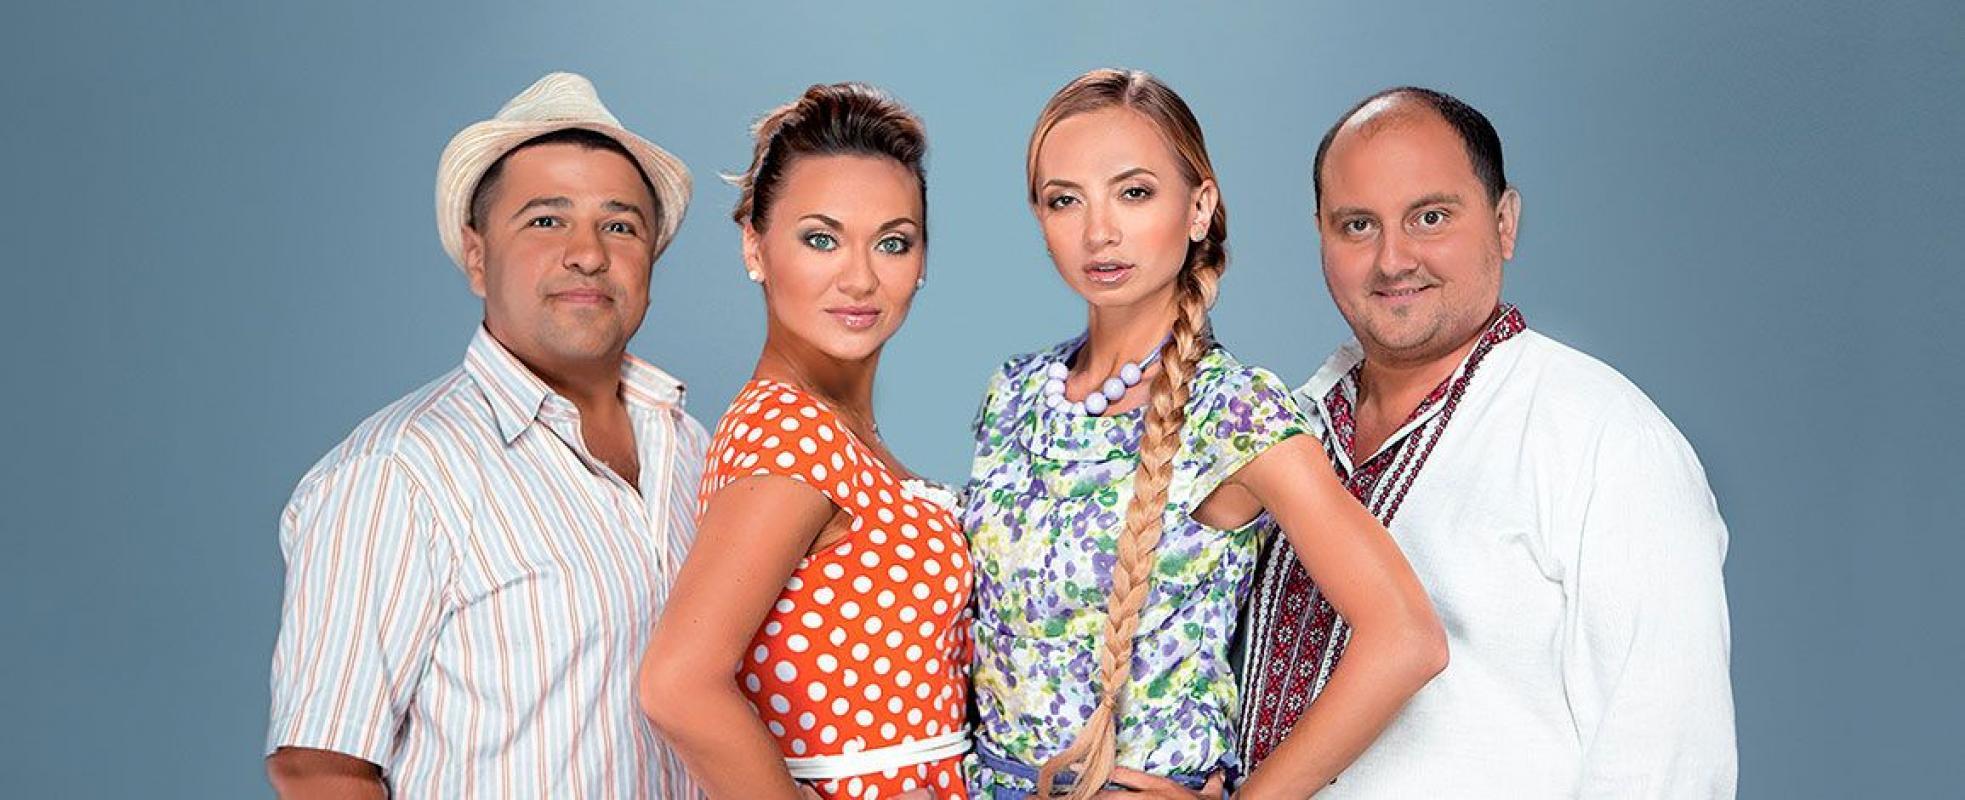 Летом стартует новый сезон «Однажды под Полтавой». Разыскивают новые лица для эпизодических ролей